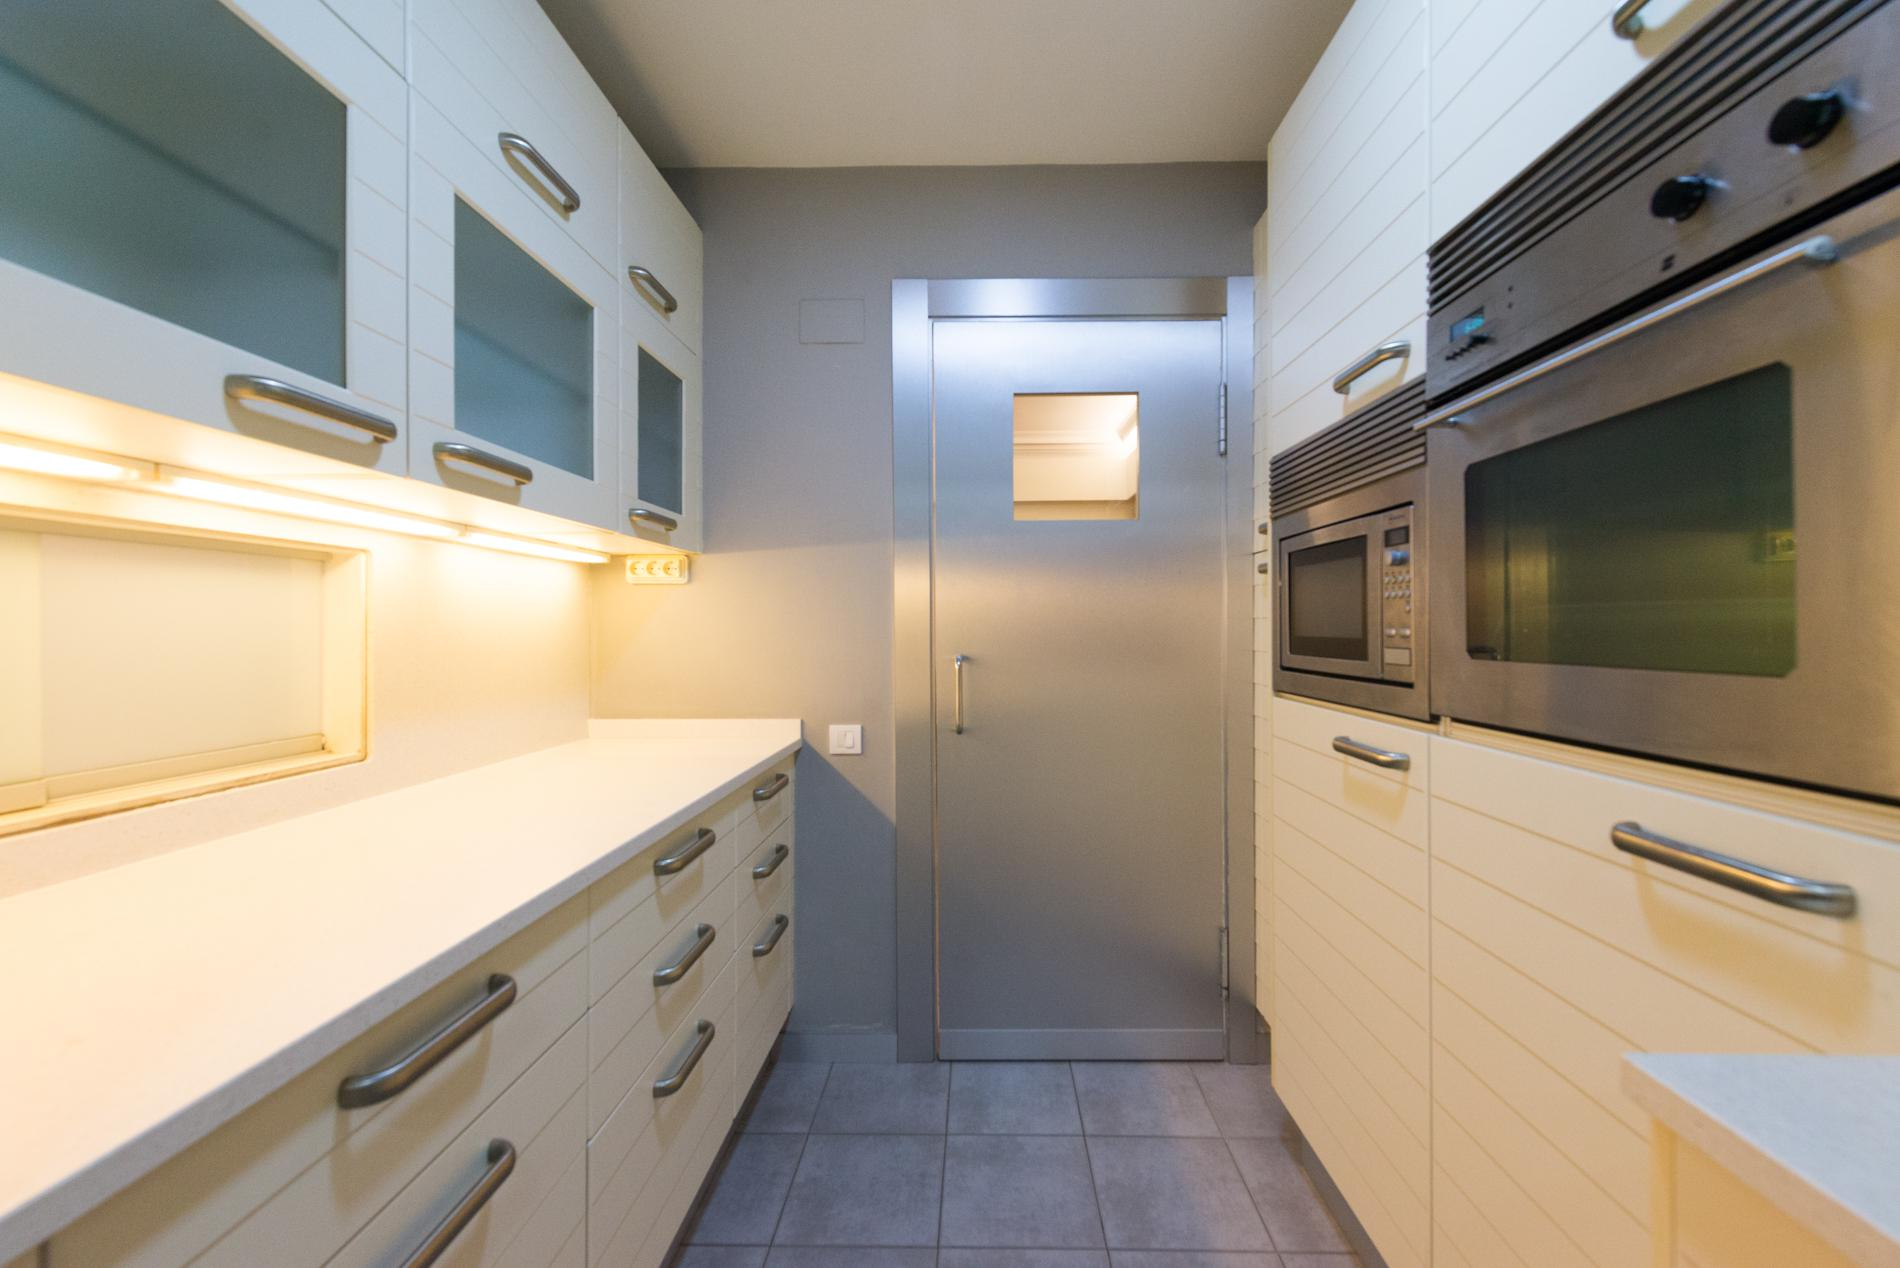 247761 Ground Floor for sale in Sarrià-Sant Gervasi, St. Gervasi-Bonanova 30